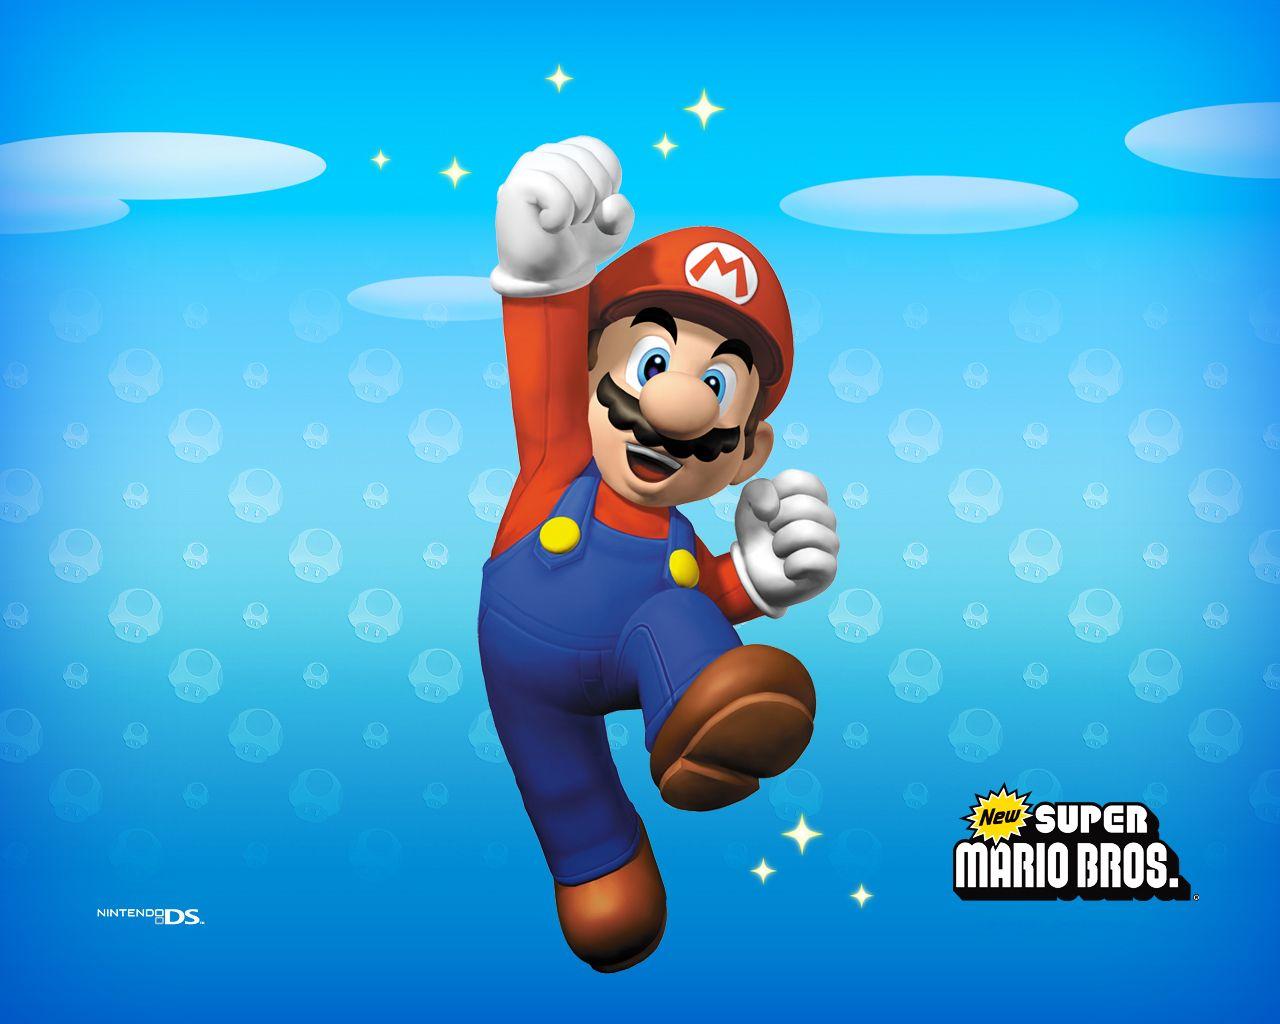 New Super Mario Brothers Wallpaper   Super Mario Bros Wallpaper